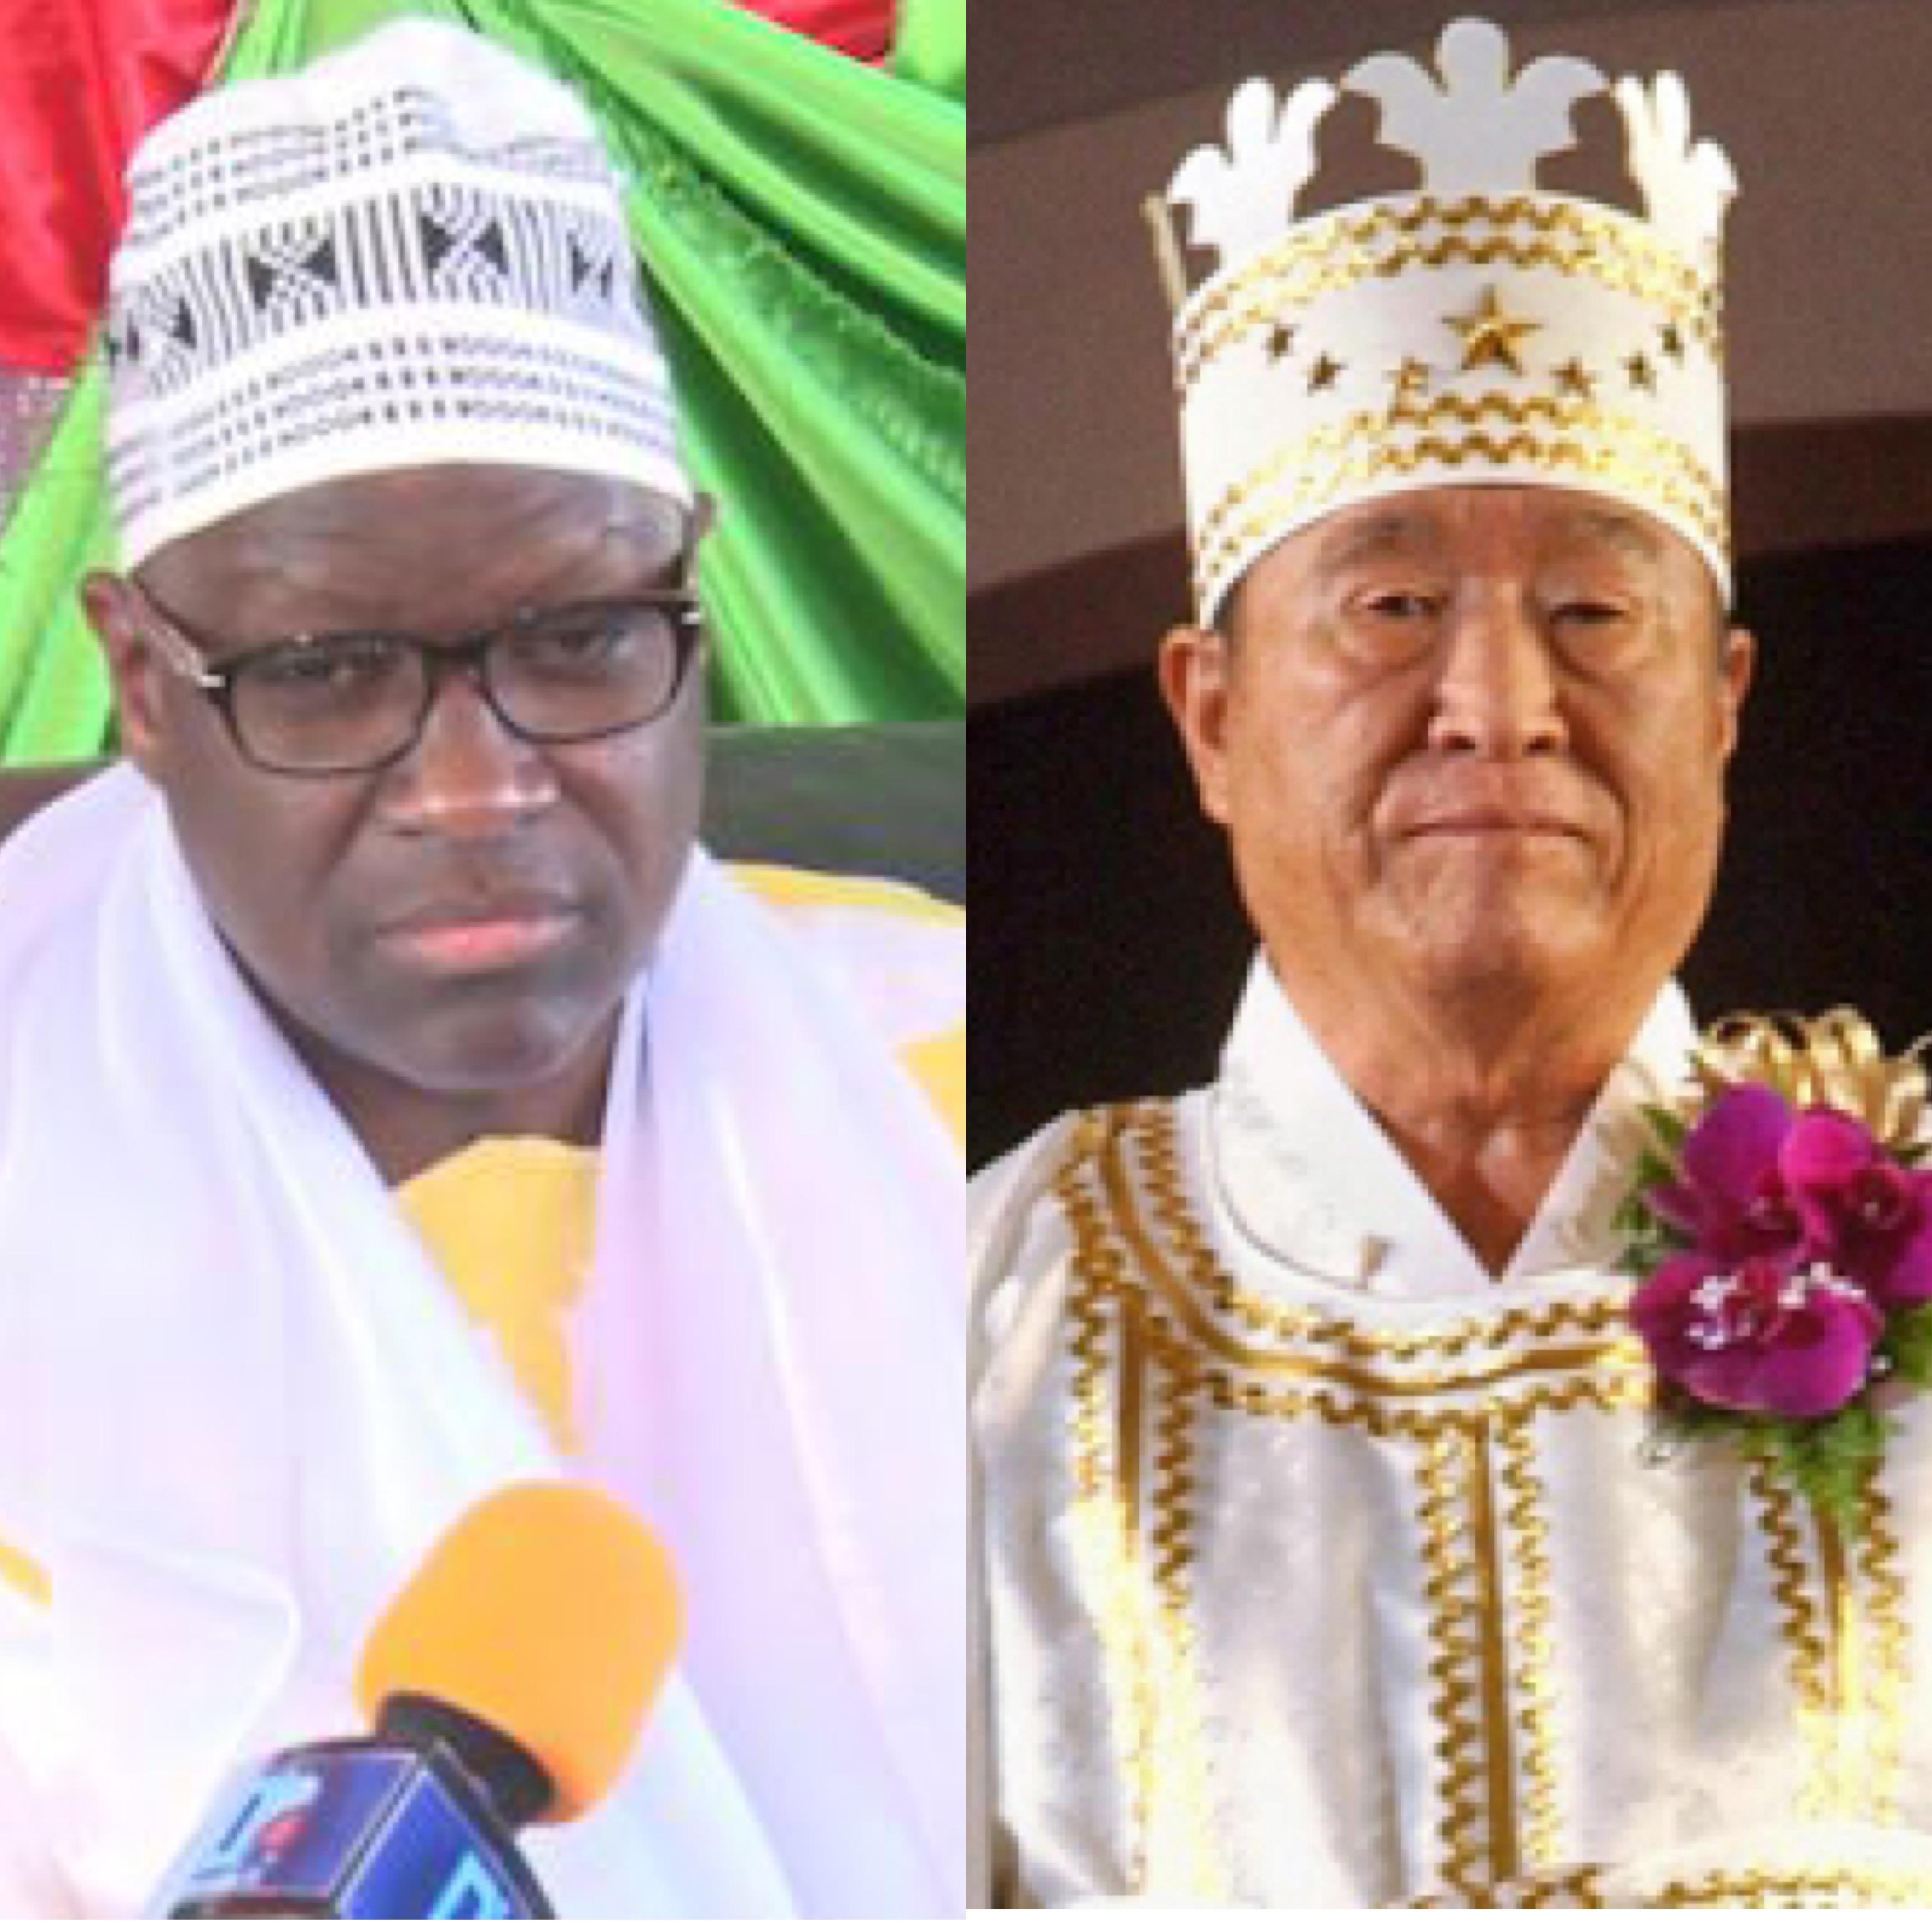 Dakar : Réunion de la secte Moon en pleine polémique sur la franc-maçonnerie / Cheikh Mansour Diouf, président du comité d'organisation